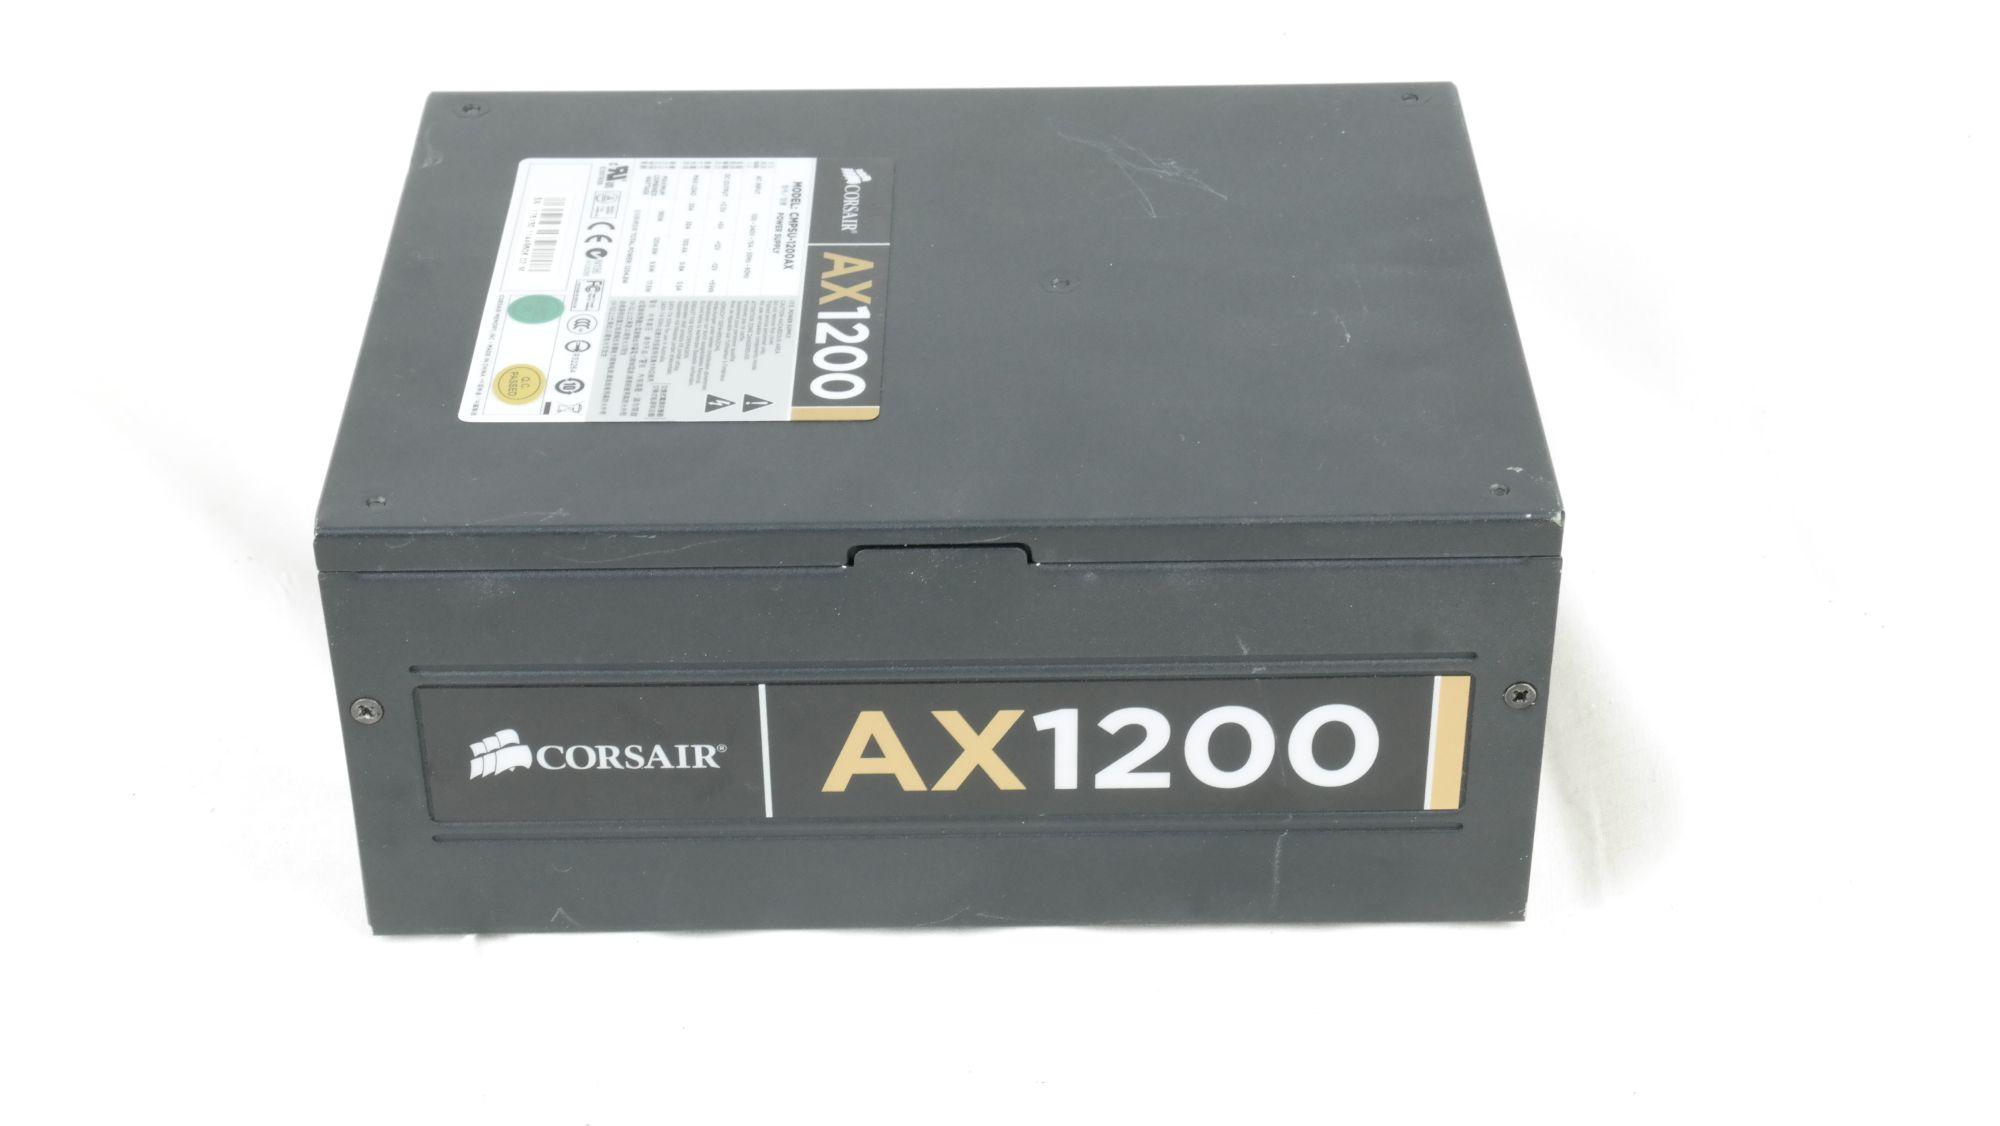 Corsair_AX1200_010